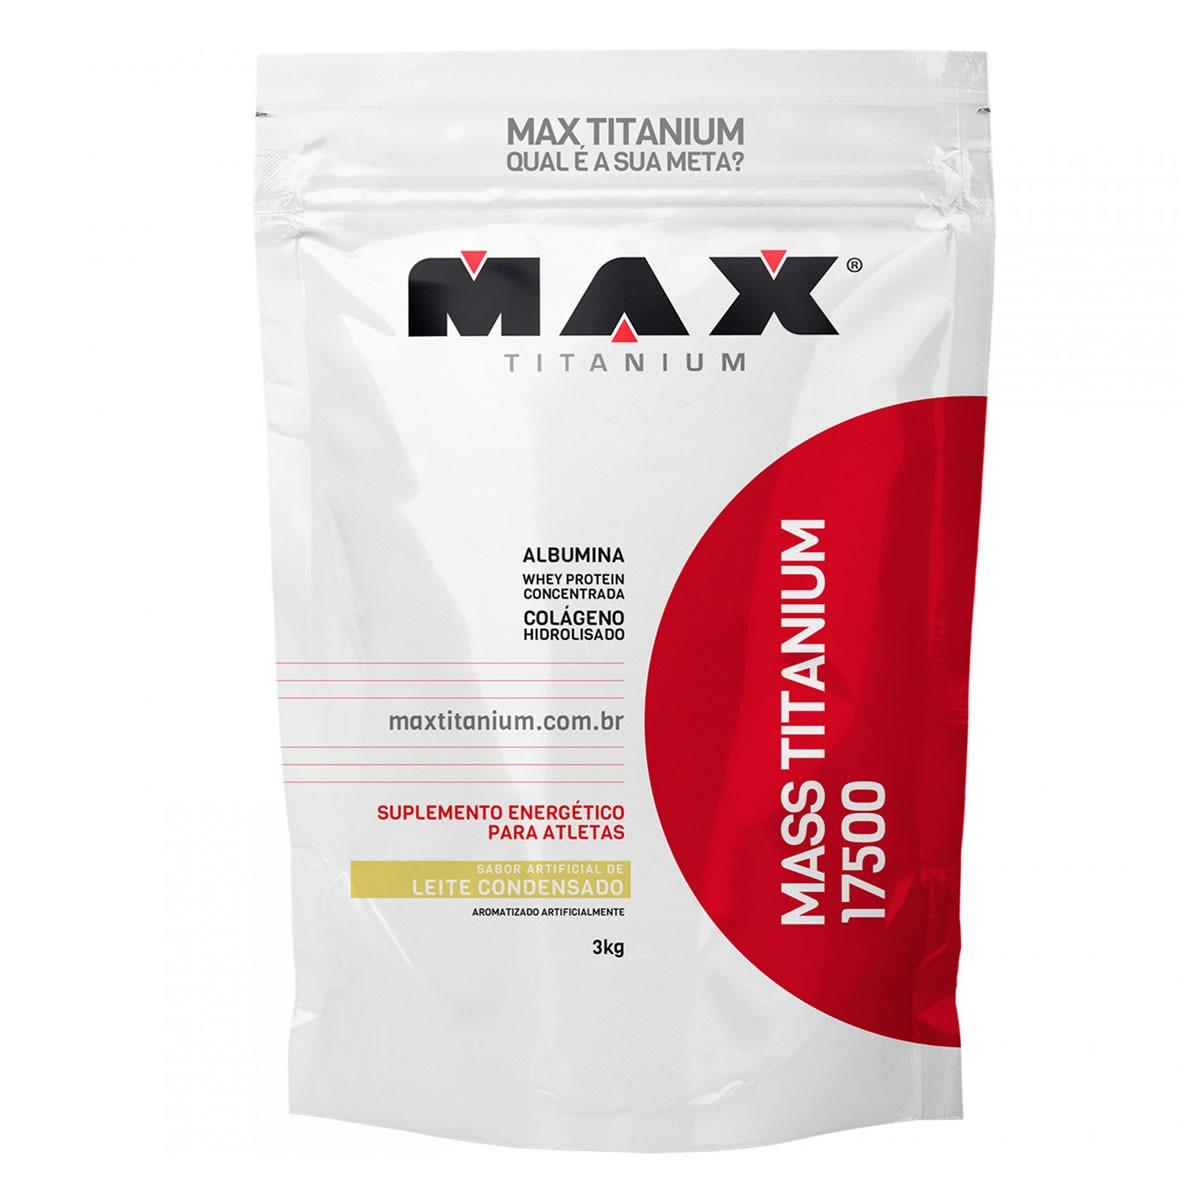 Hipercalórico Mass Titanium Sabor Leite Condensado 3kg - Max Titanium